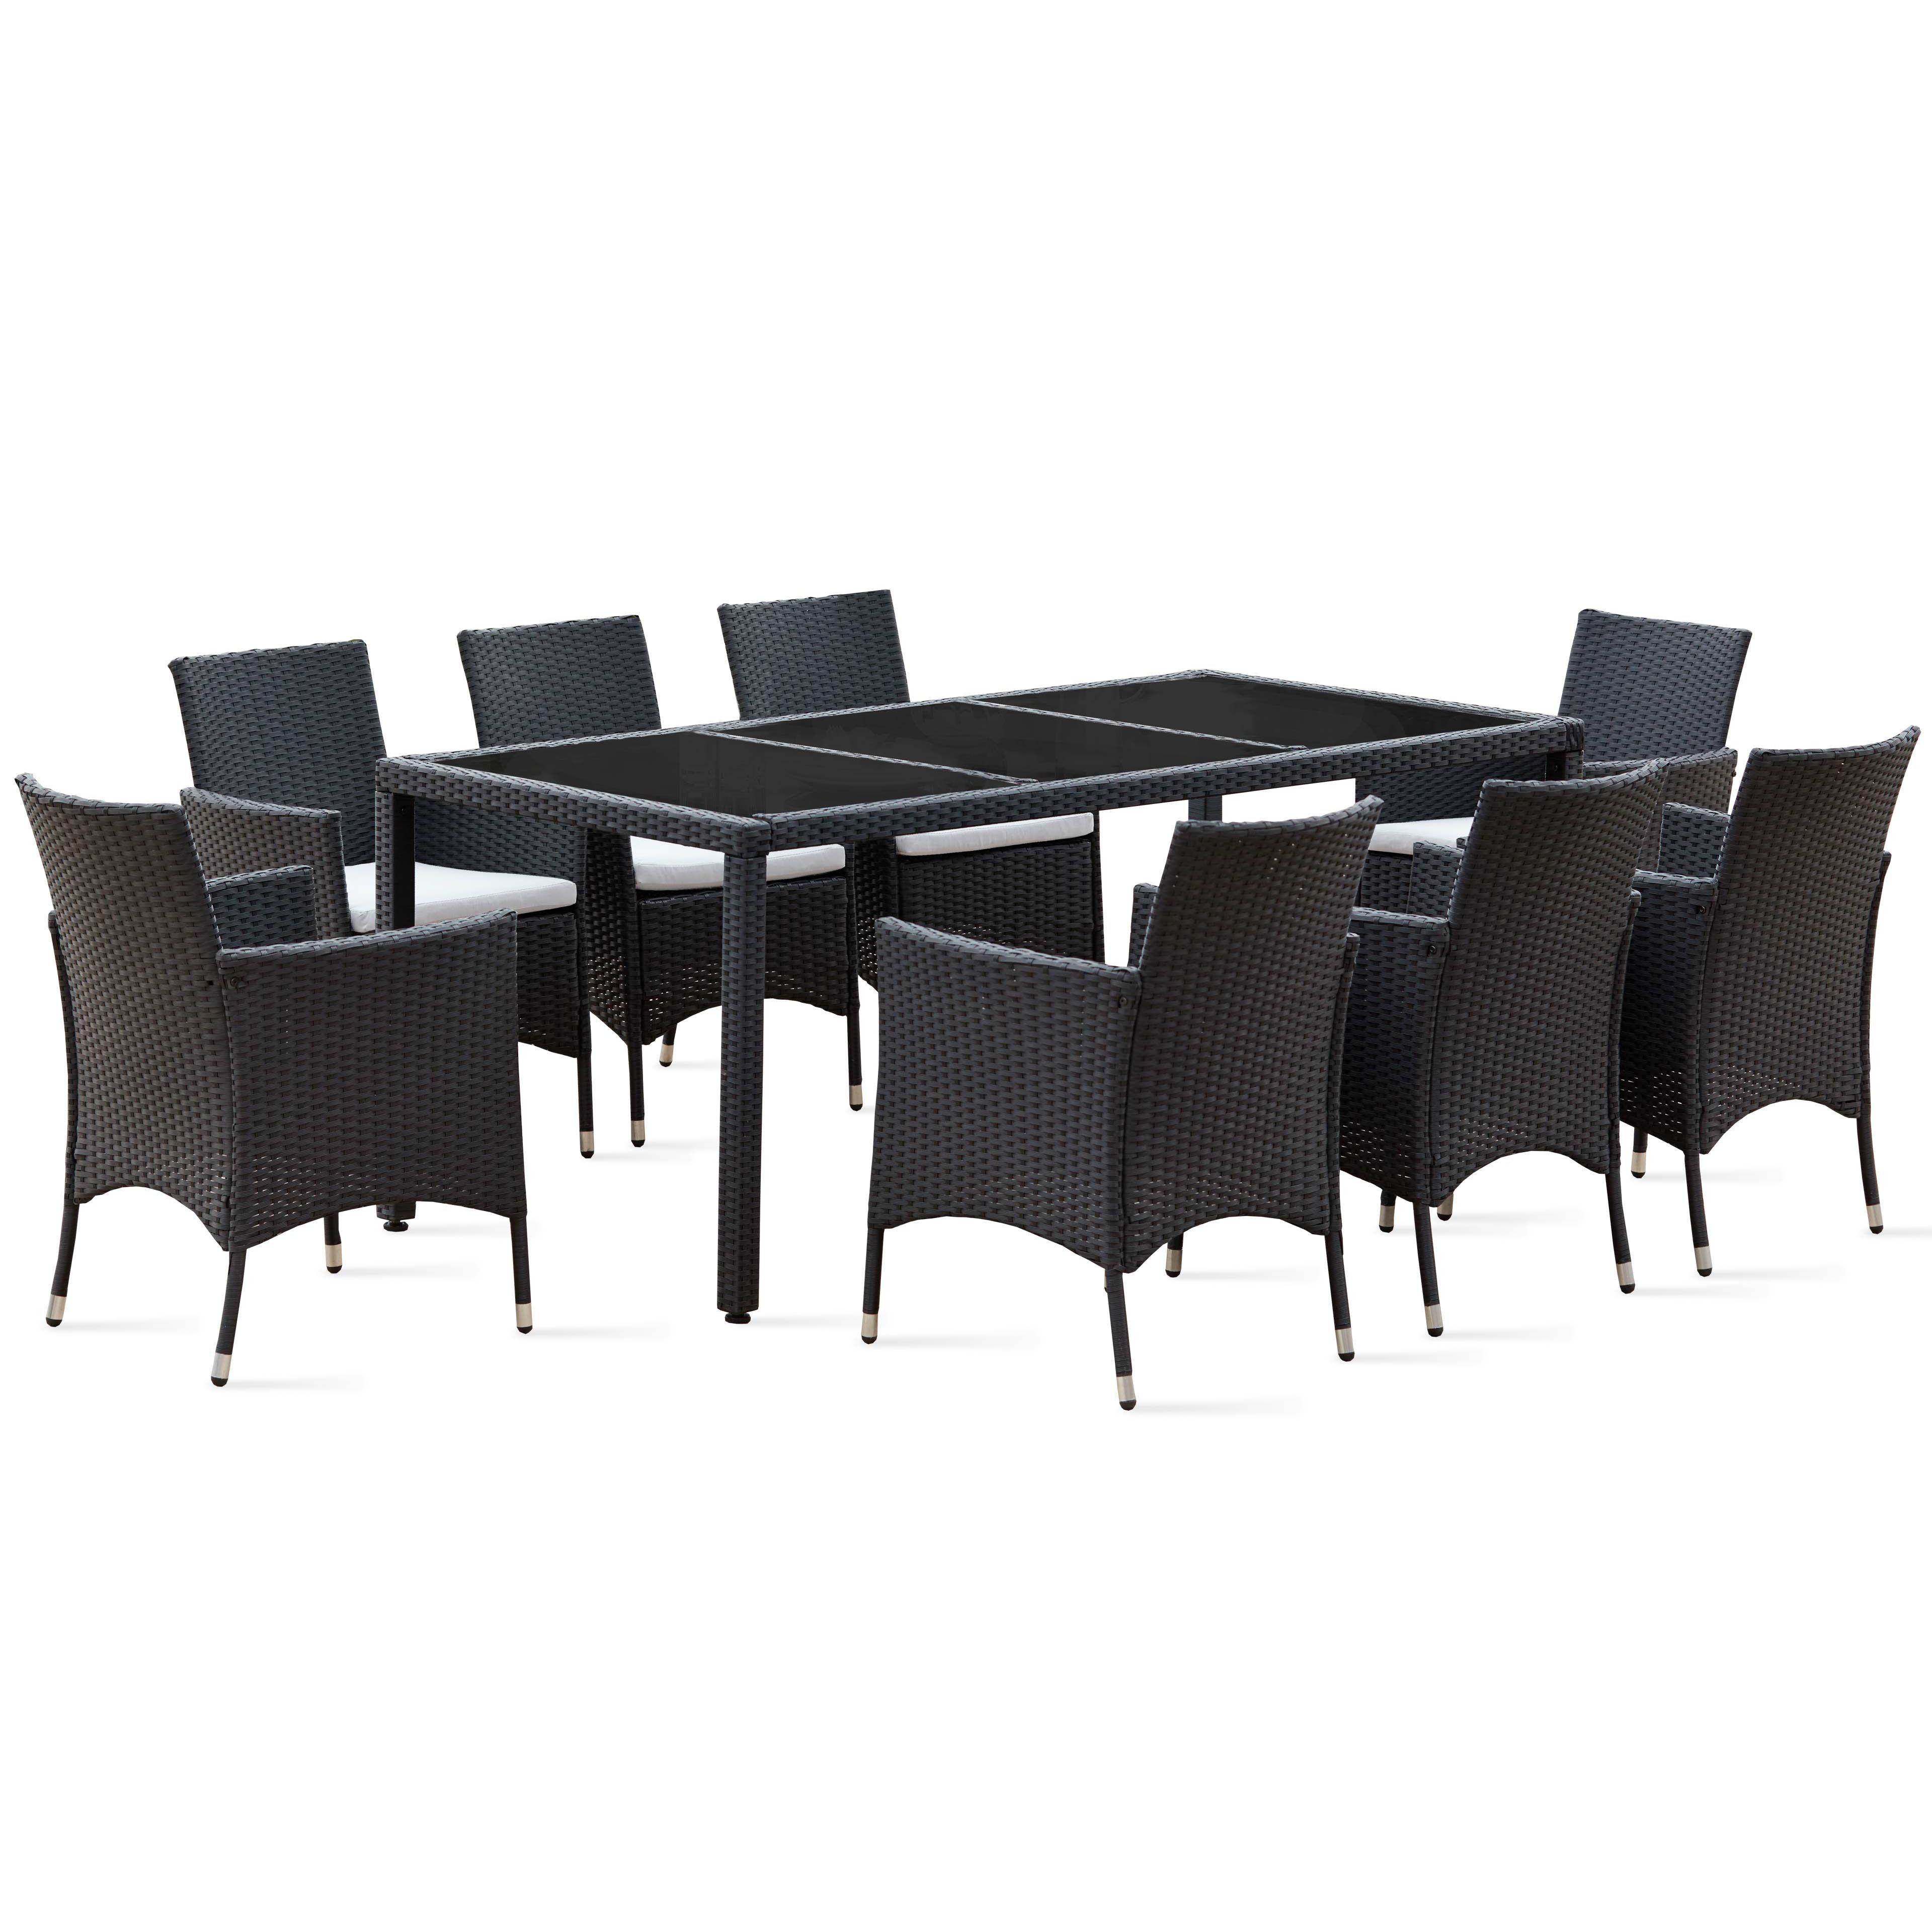 salon de jardin table r sine tress e 8 fauteuils. Black Bedroom Furniture Sets. Home Design Ideas